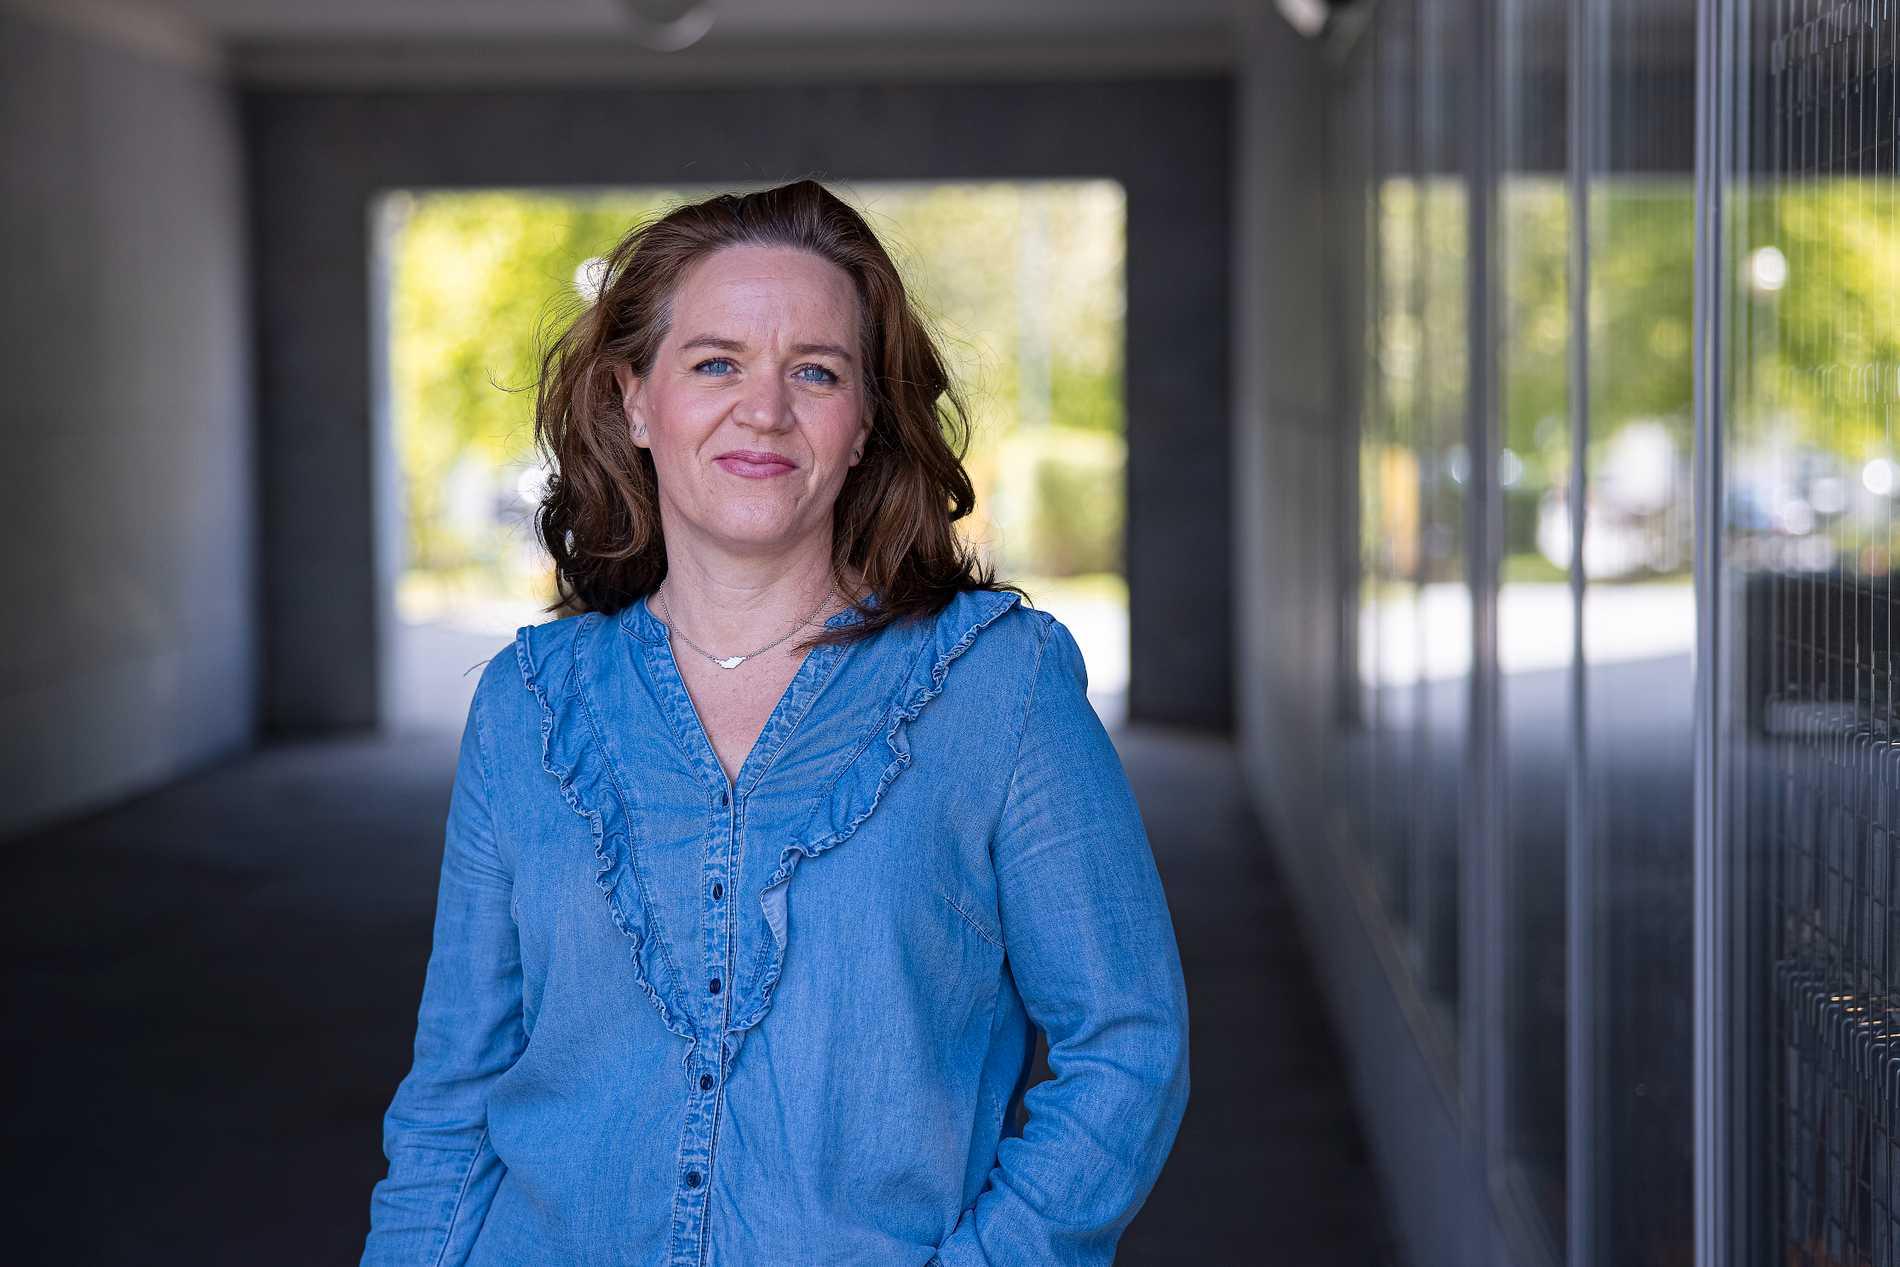 – Jag säger inte att jag har fött barn. Jag säger att de togs ut, säger Karolina Stenqvist. Båda hennes graviditeter slutade med att hon låg på intensivvården, utan att ens riktigt vara medveten om att hon fått barn.